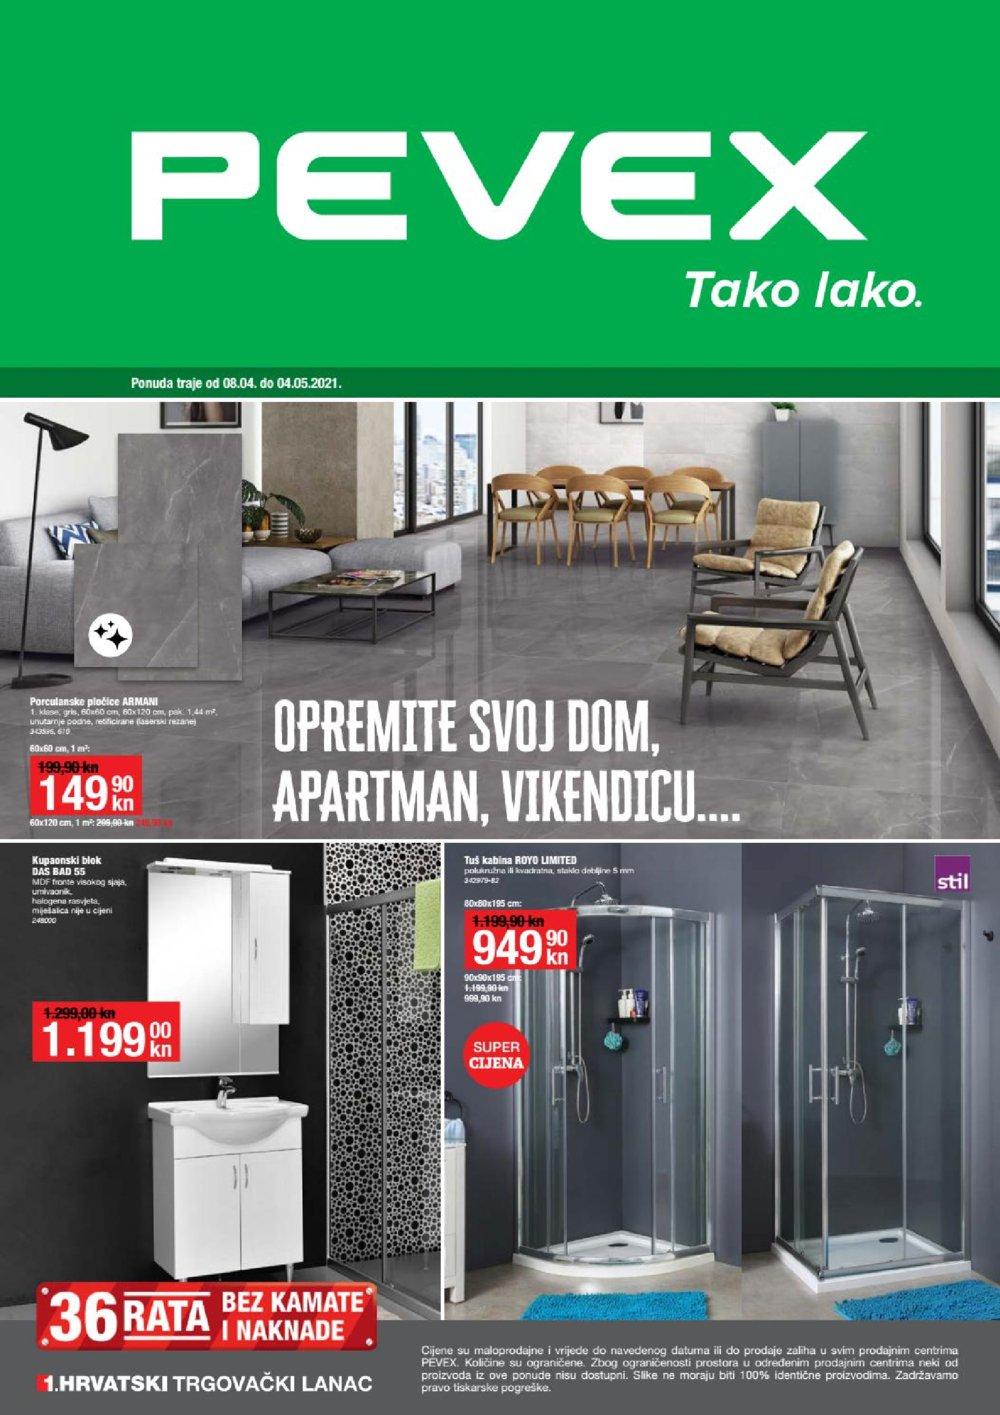 Pevex katalog Akcija Opremite svoj svom 08.04.-04.05.2021.